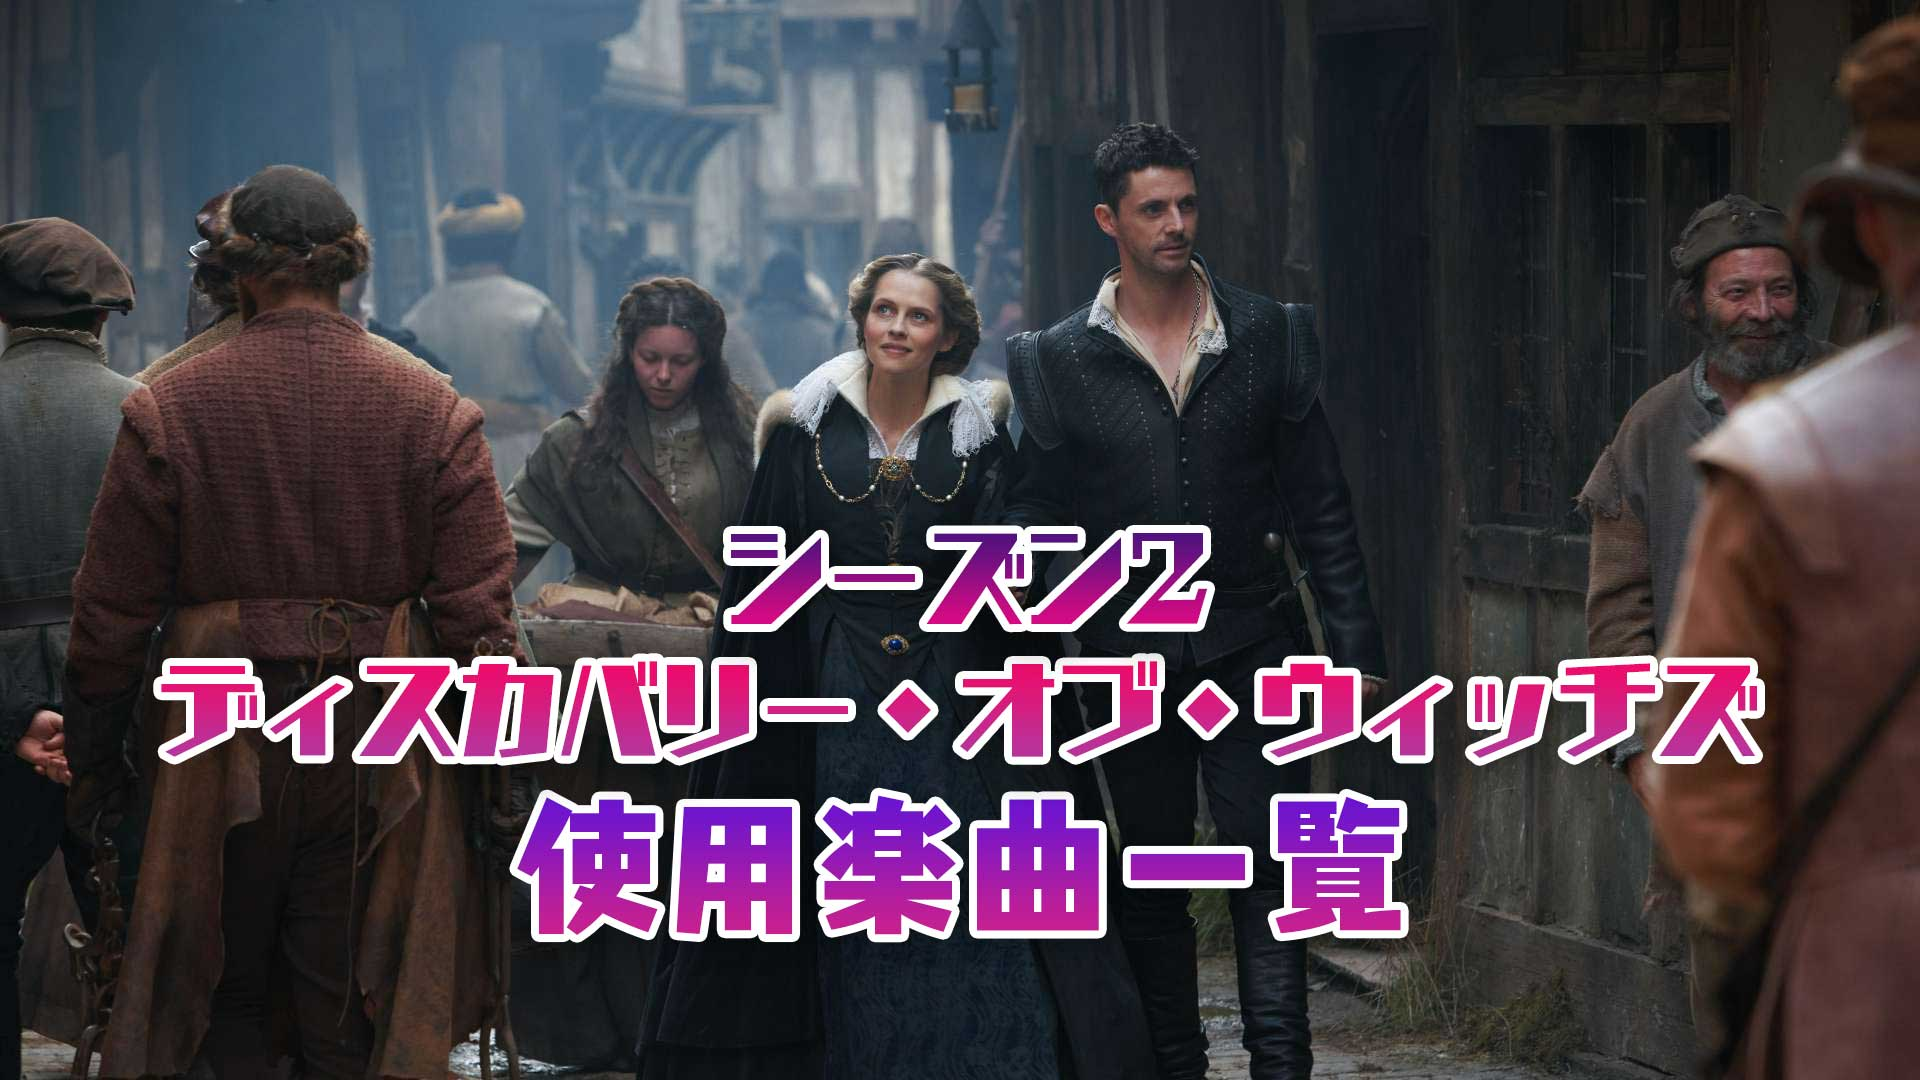 海外ドラマ『ディスカバリー・オブ・ウィッチズ』シーズン2で使われている曲まとめ!